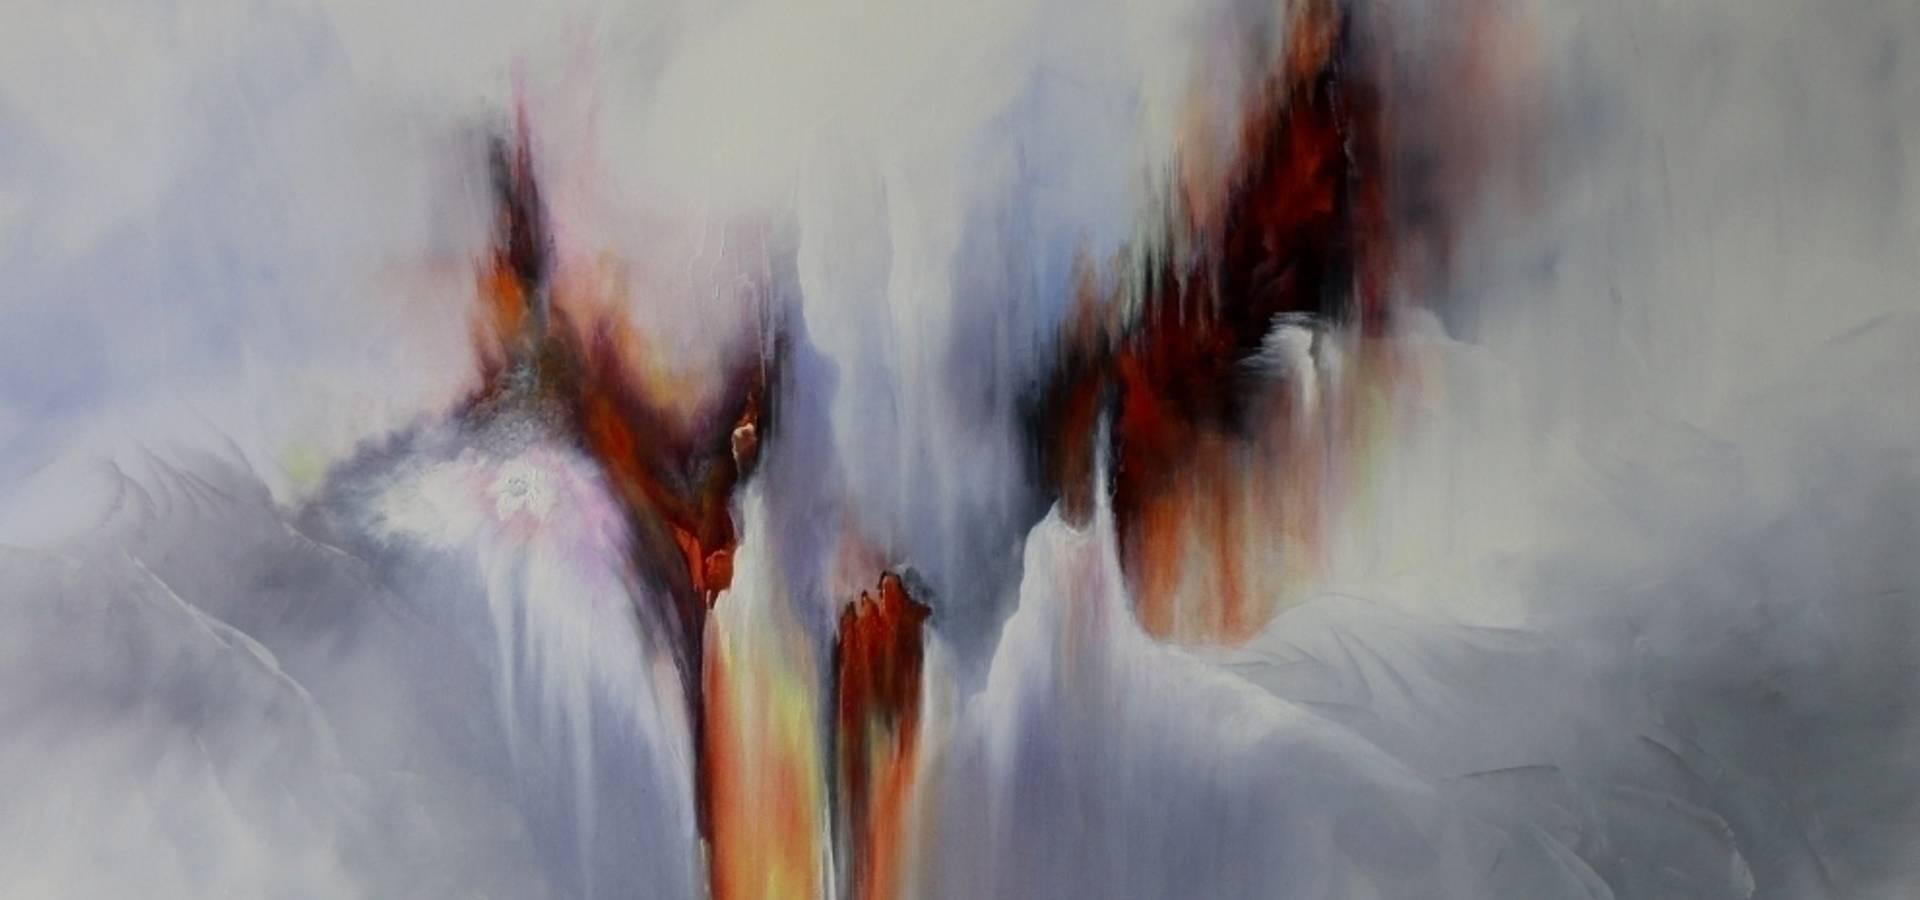 Atelier galerie de l 39 artiste peintre nadine bertulessi artistes artisans morestel sur homify - Auto entrepreneur artiste peintre ...